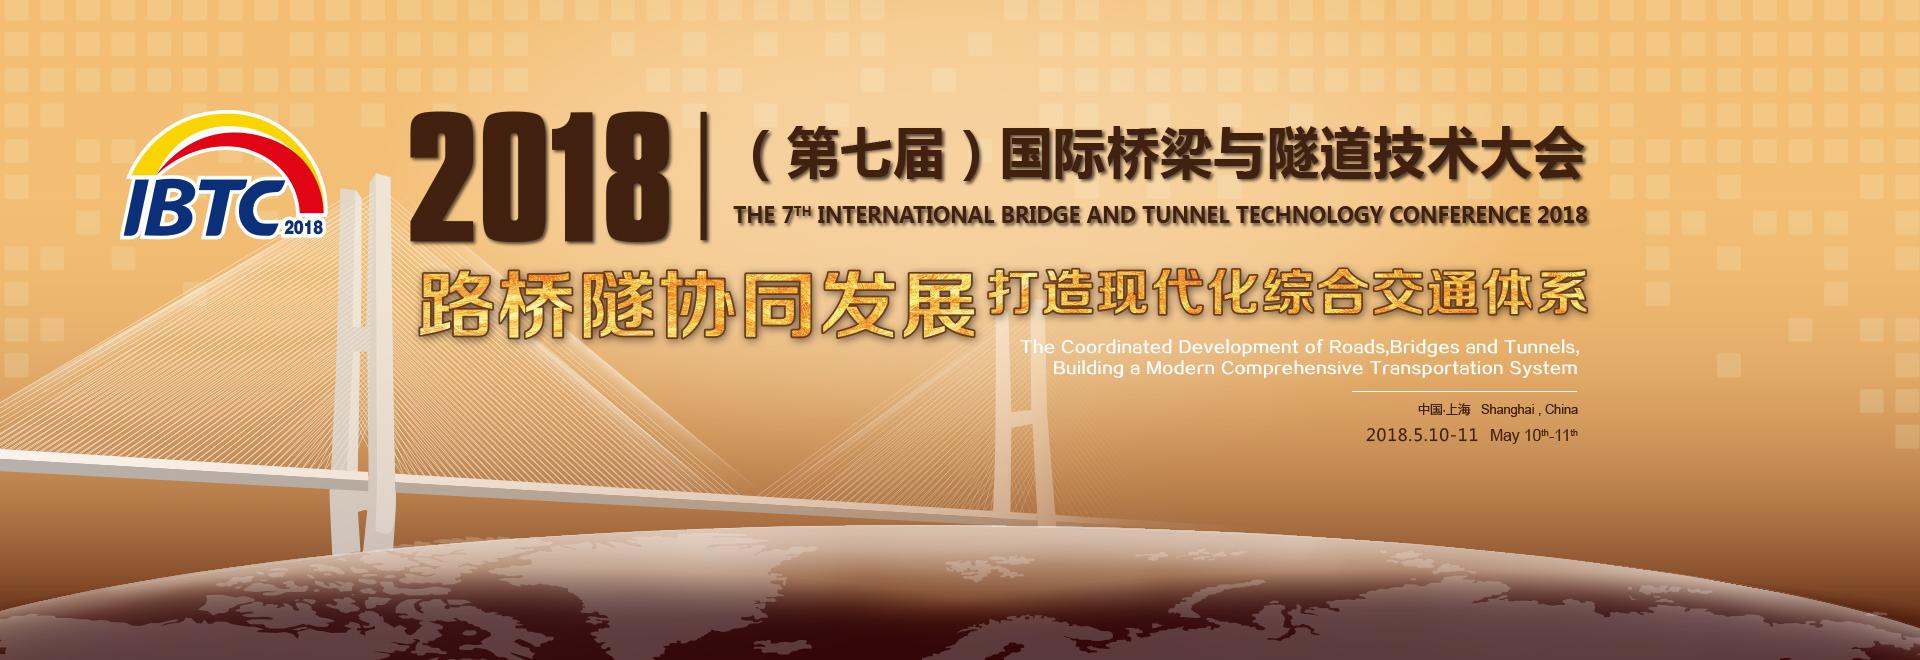 2018(第七届)国际桥梁与隧道技术大会